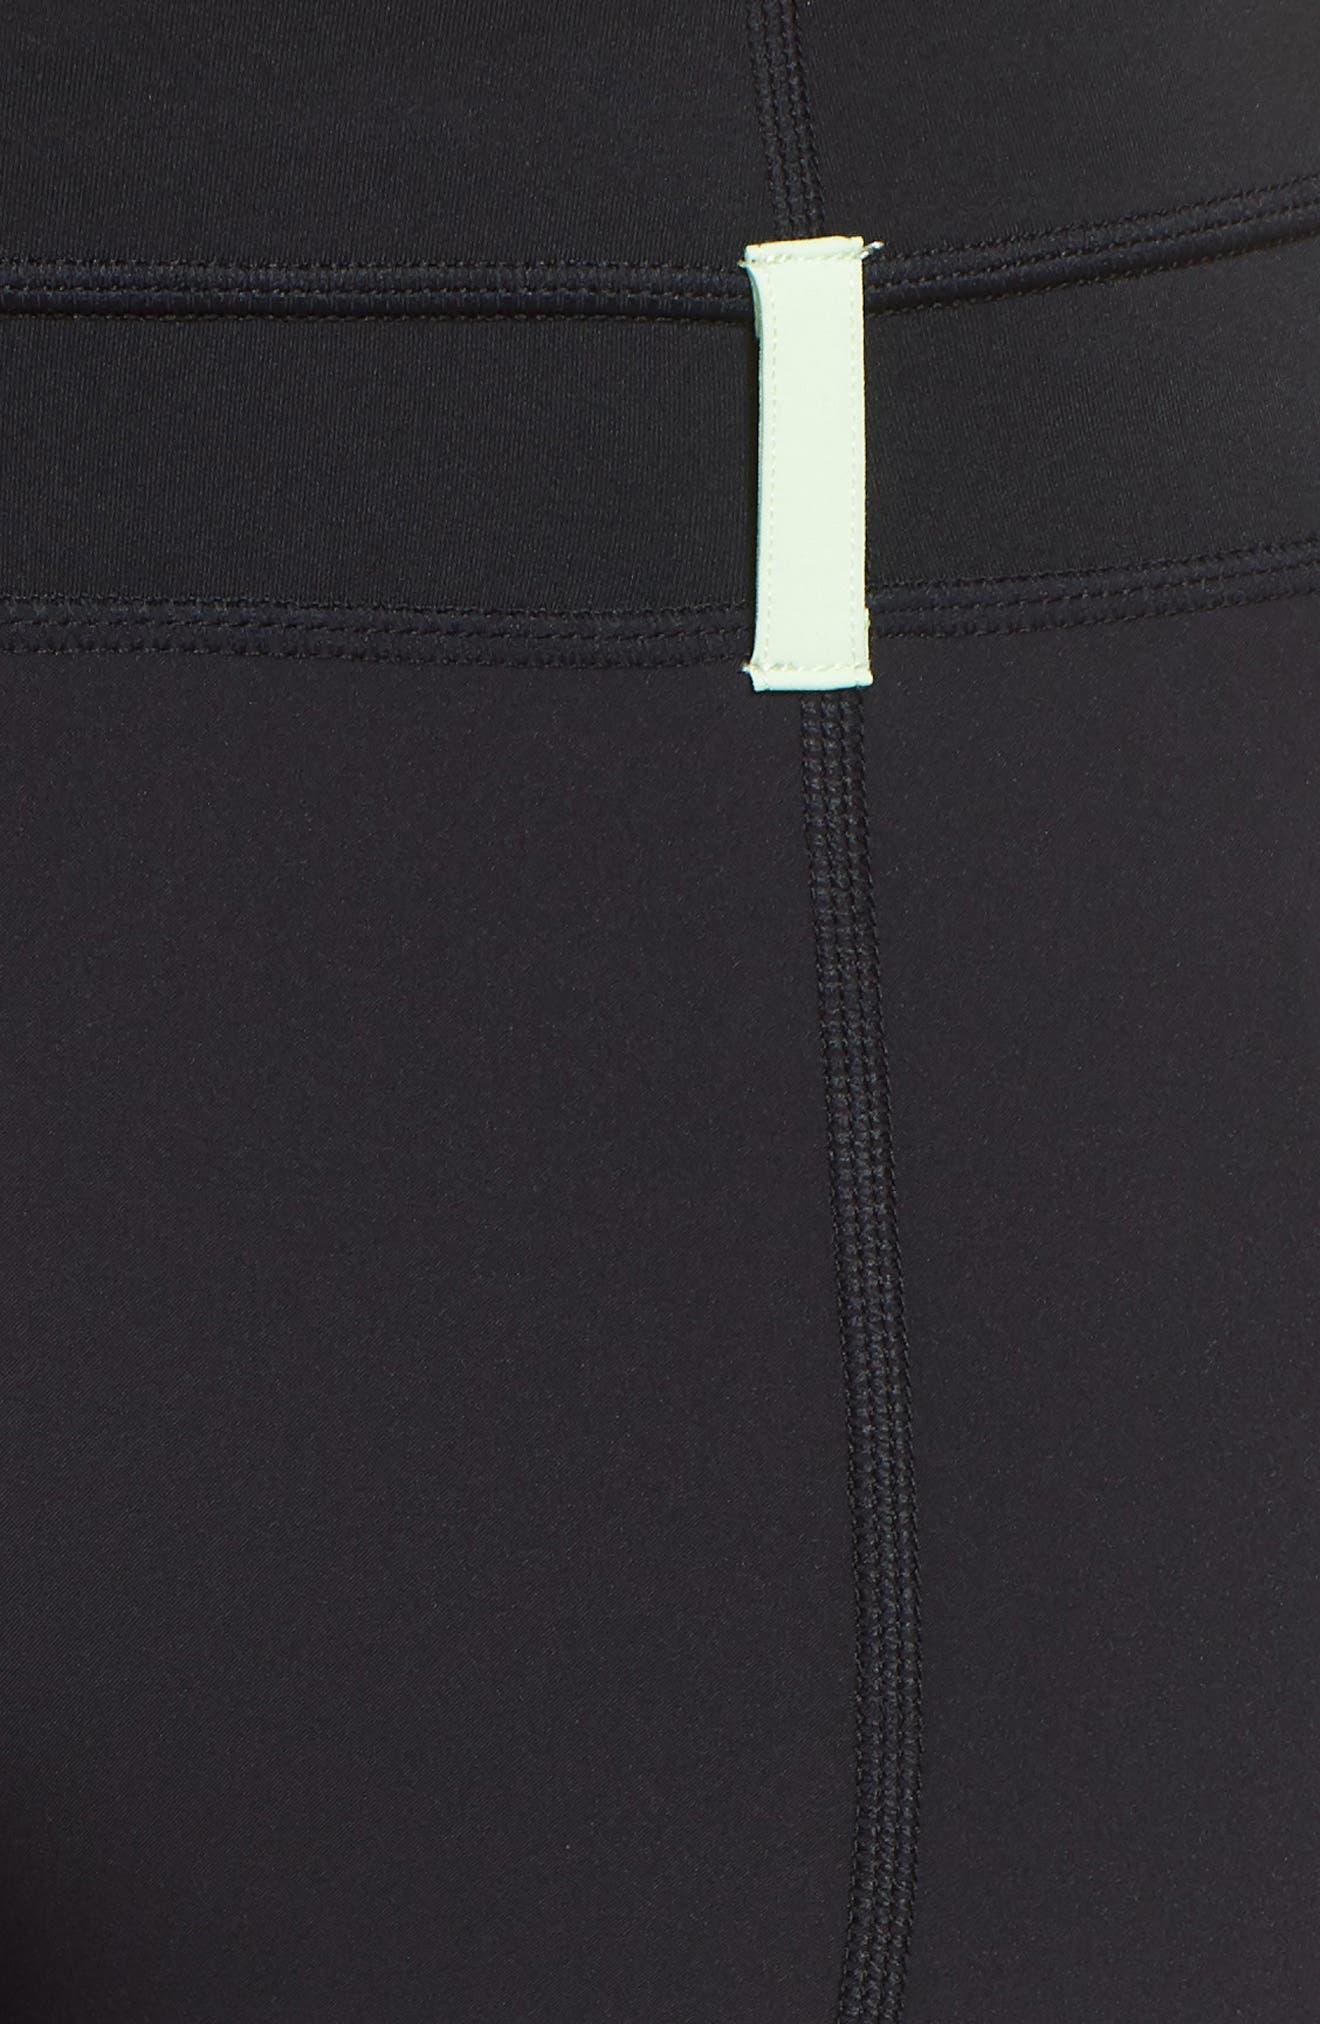 NRG Women's Dri-FIT Tights,                             Alternate thumbnail 5, color,                             Black/ Vapor Green/ Black